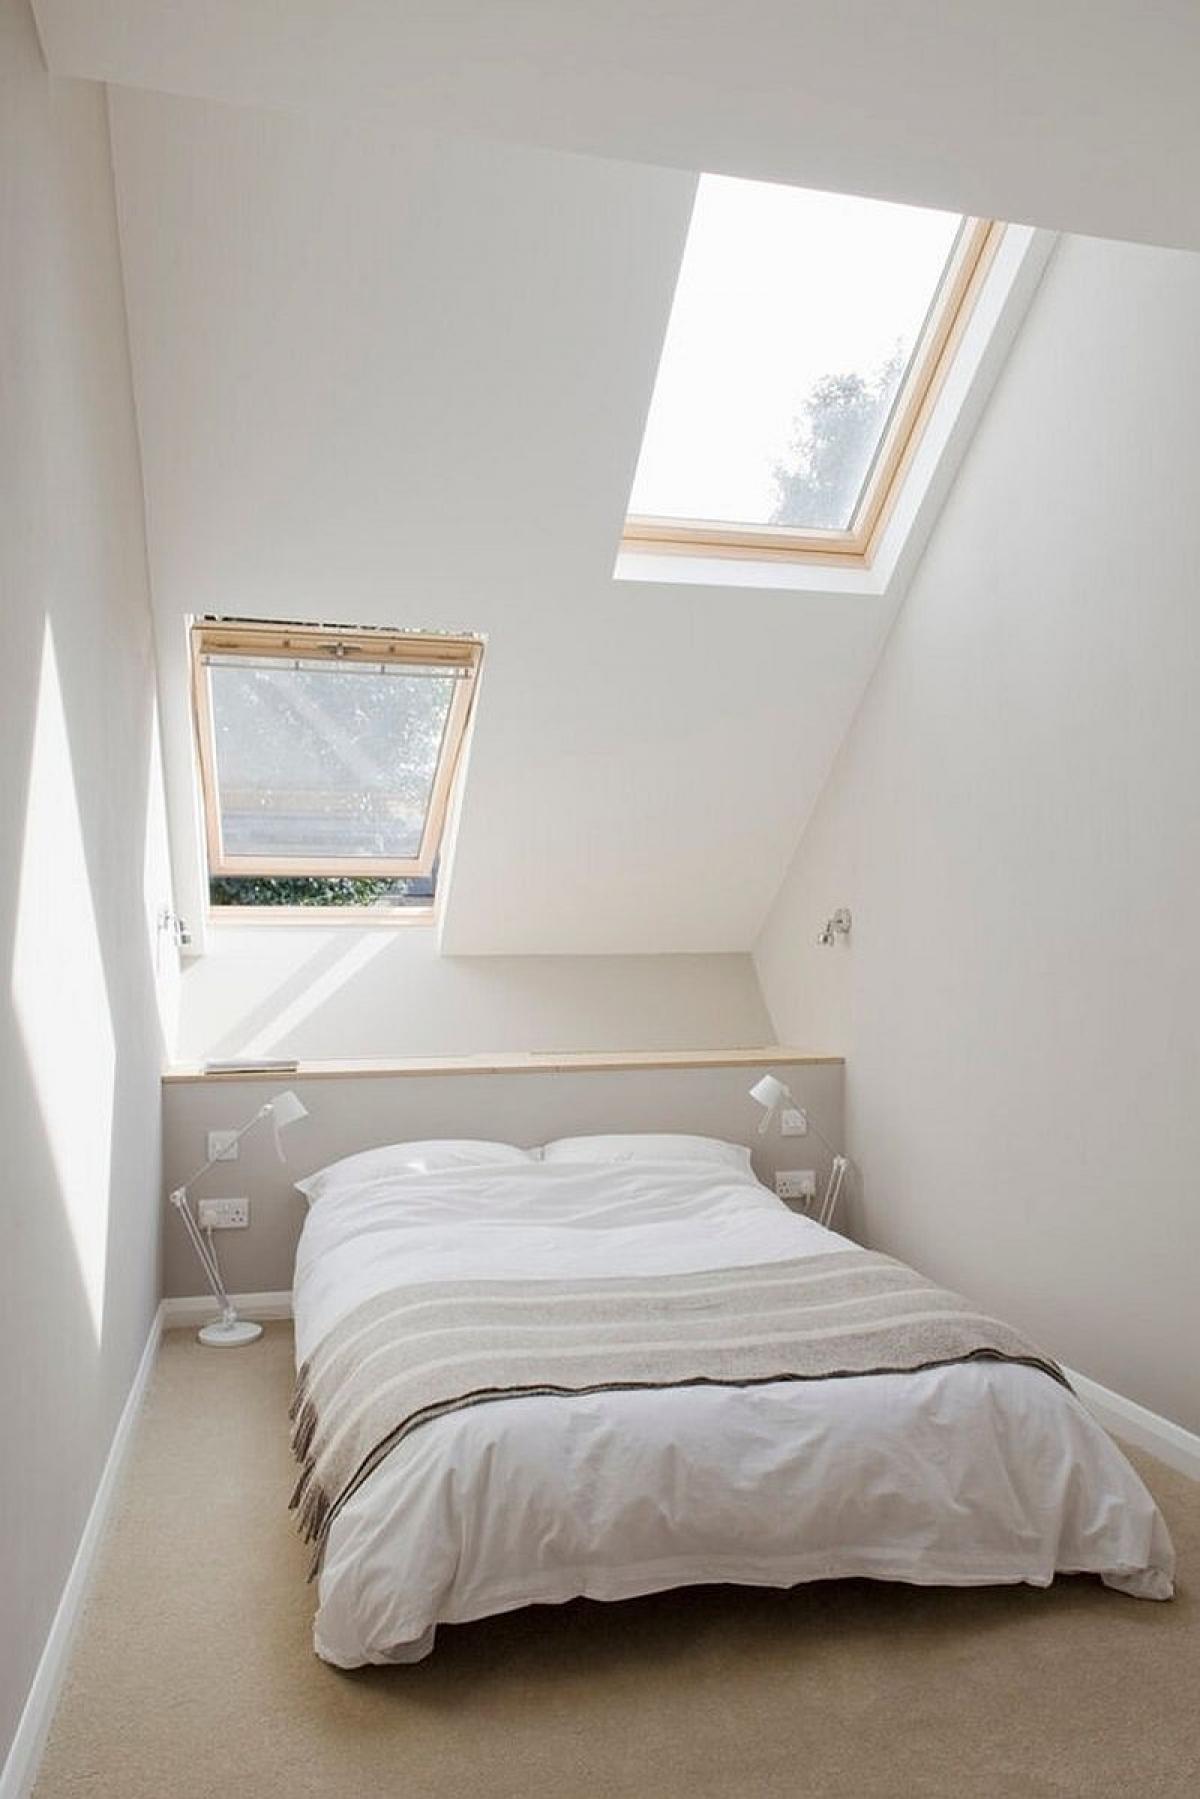 Ngôi nhà độc đáo chỉ rộng 2,3 m2 ở London - Ảnh 8